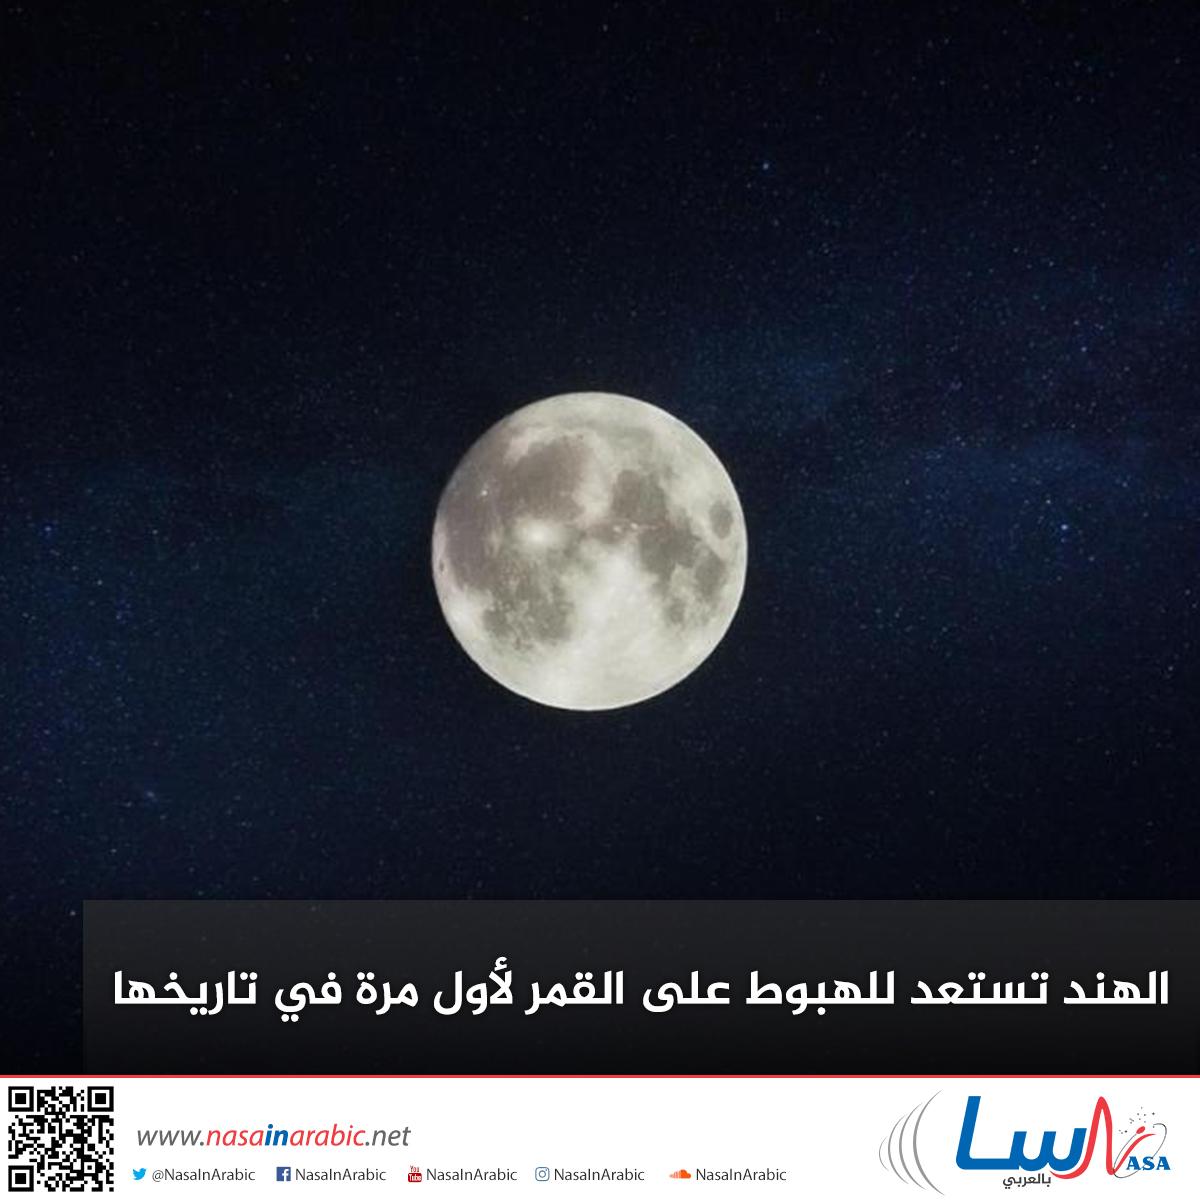 الهند تستعد للهبوط على القمر لأول مرة في تاريخها